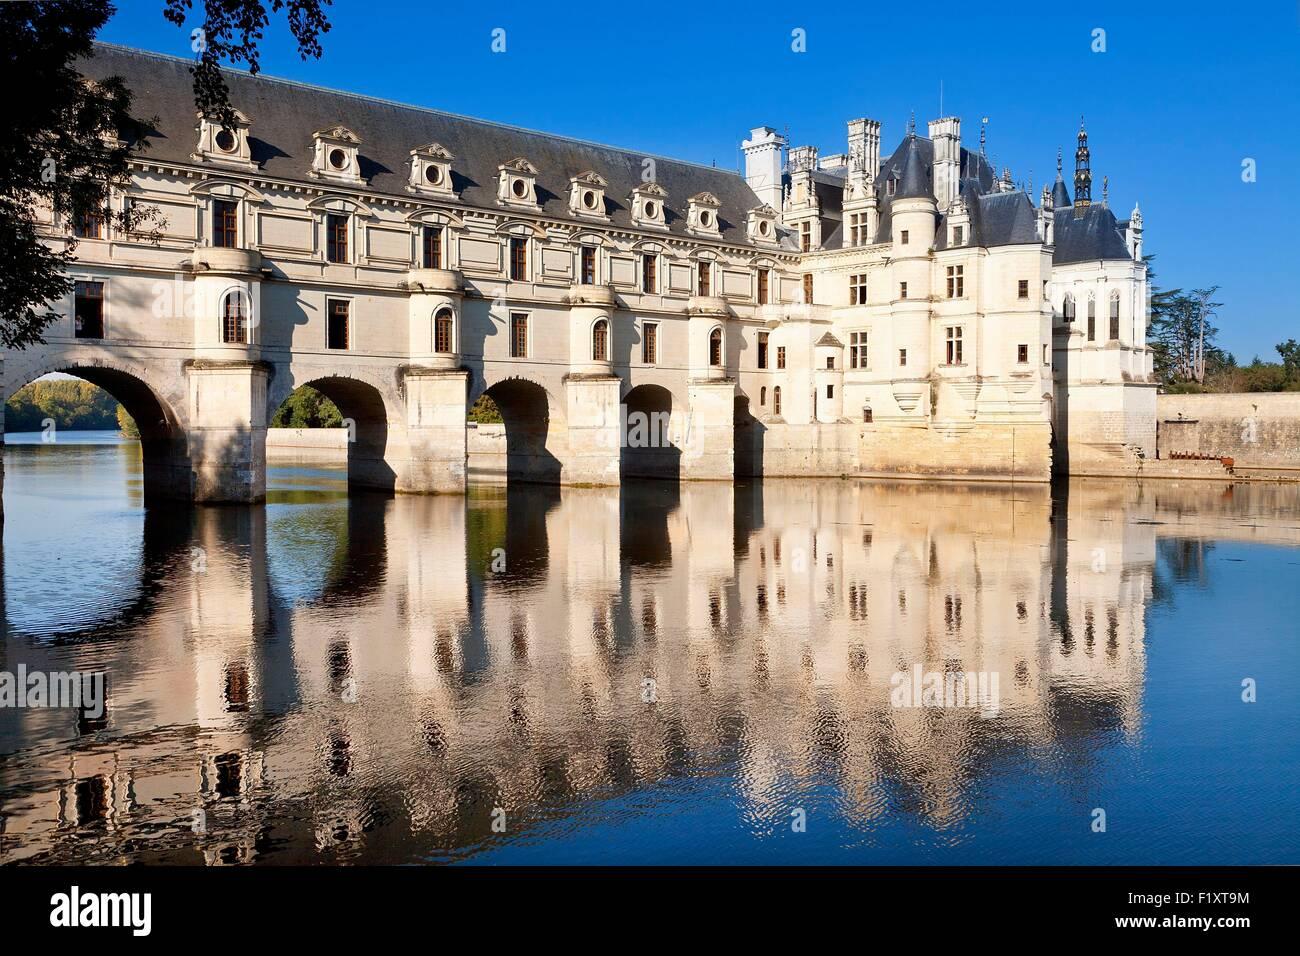 Francia, Indre et Loire, el castillo de Chenonceau Imagen De Stock